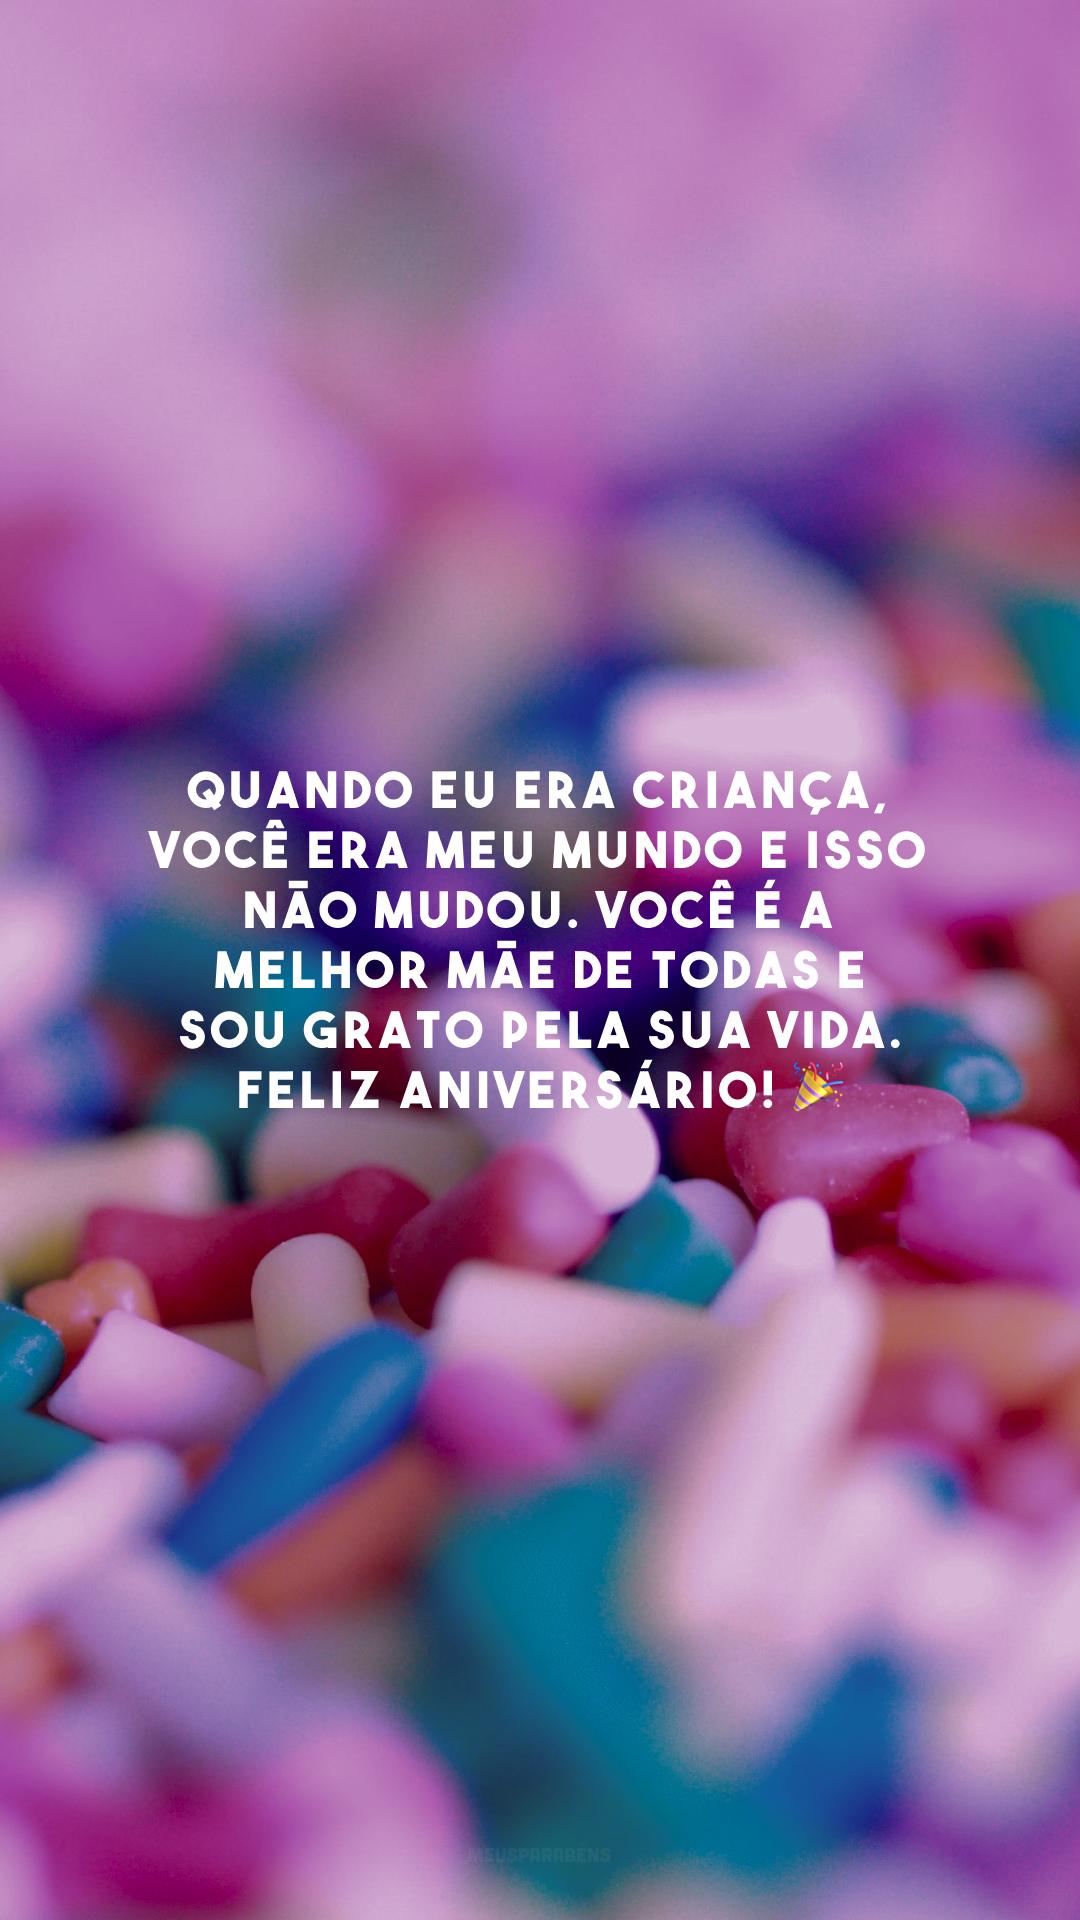 Quando eu era criança, você era meu mundo e isso não mudou. Você é a melhor mãe de todas e sou grato pela sua vida. Feliz aniversário! 🎉